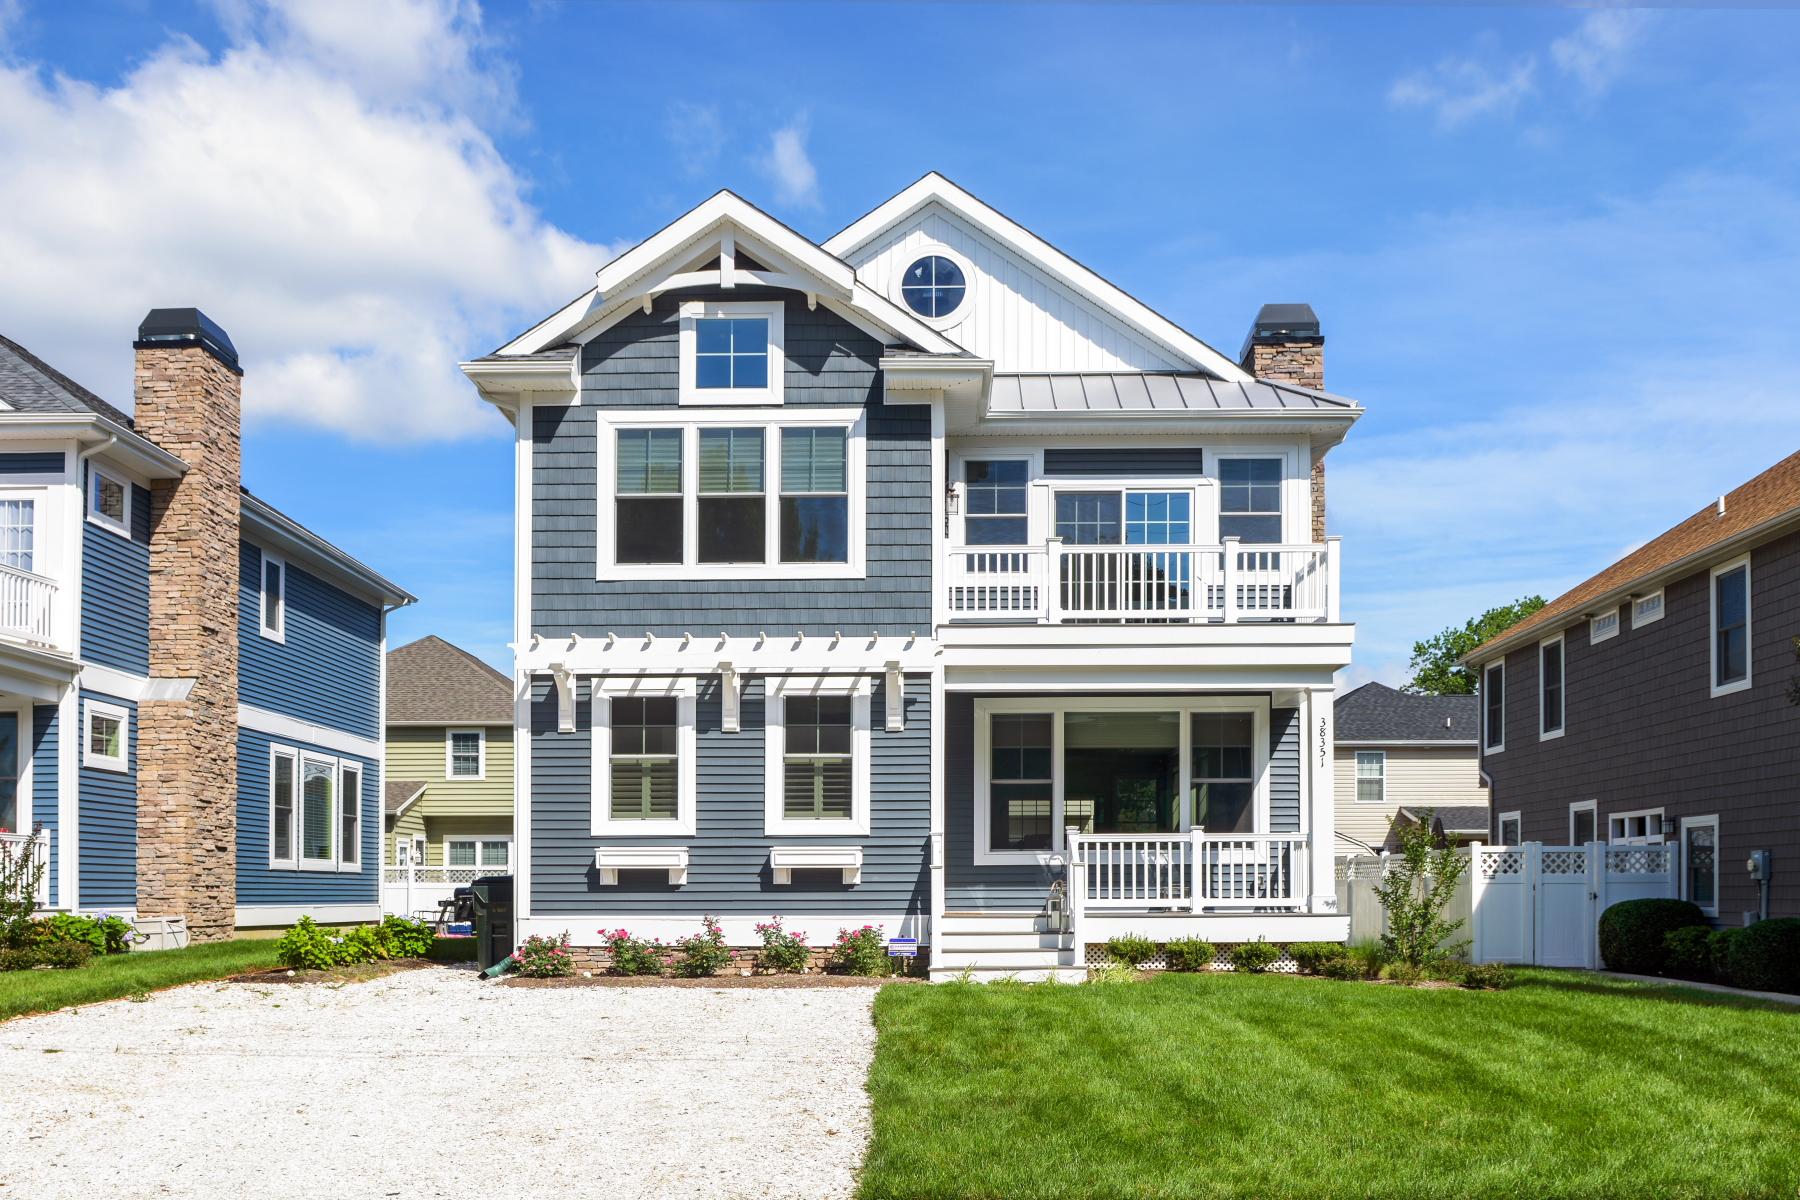 独户住宅 为 销售 在 207 Munson , Rehoboth Beach, DE 19971 207 Munson 里霍博斯海滩, 19971 美国